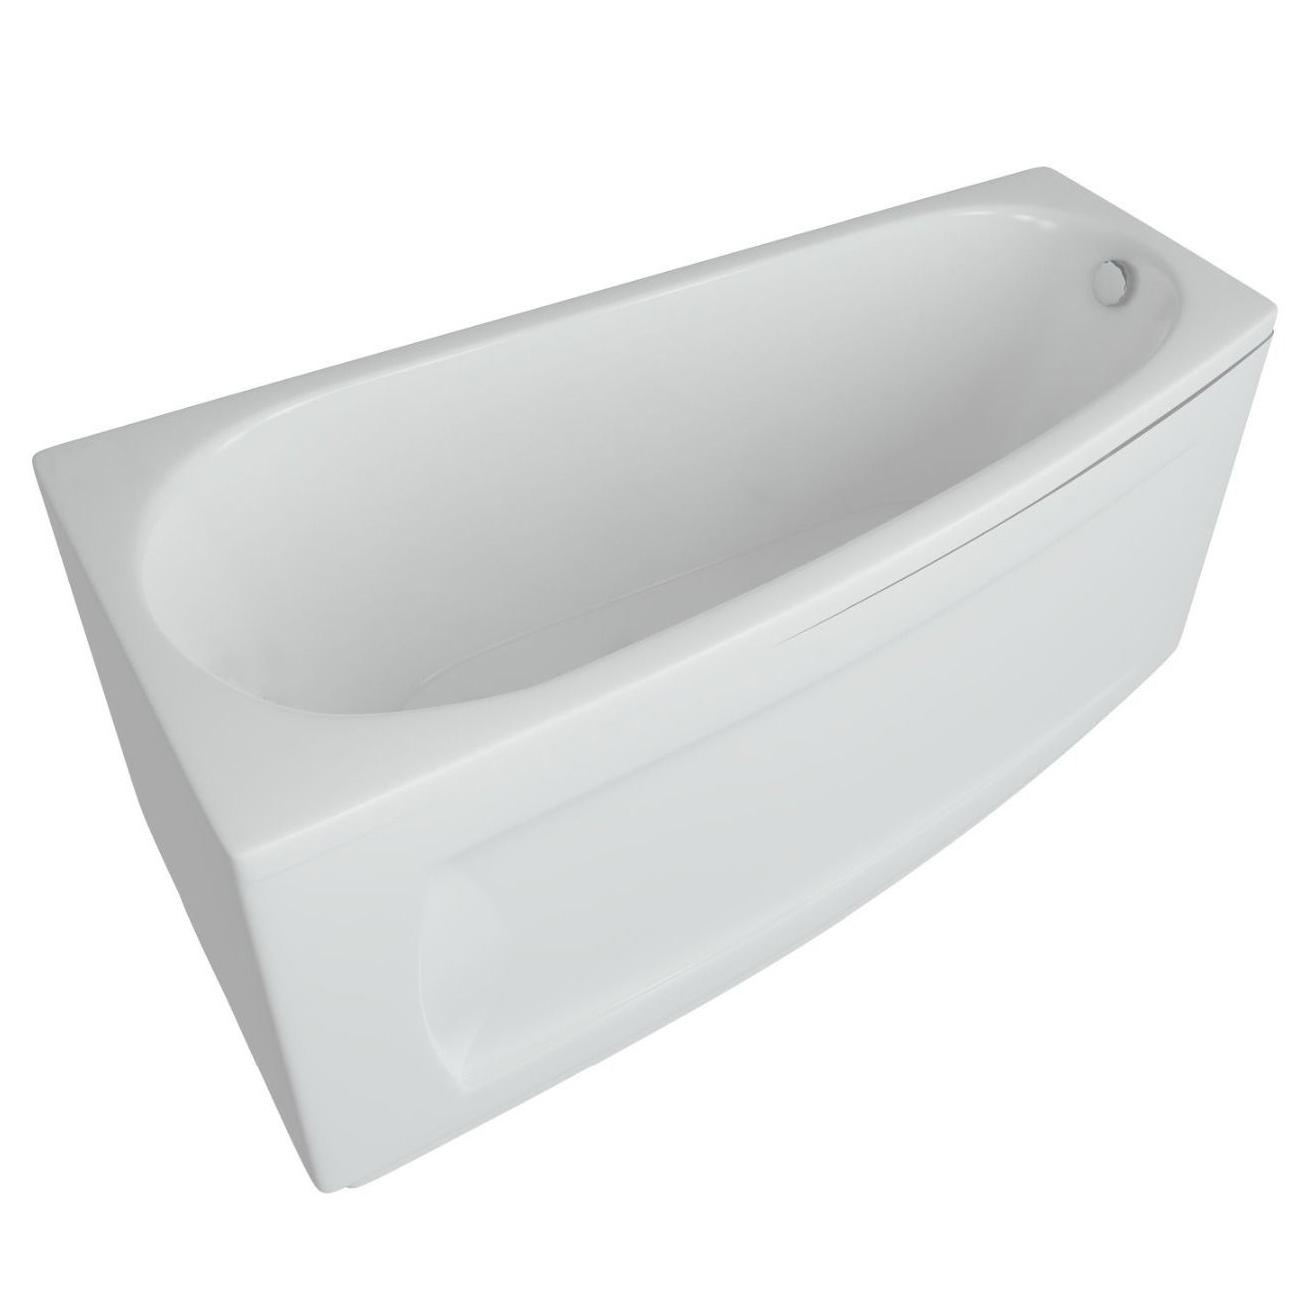 Экран для ванны Aquatek EKR B0000051